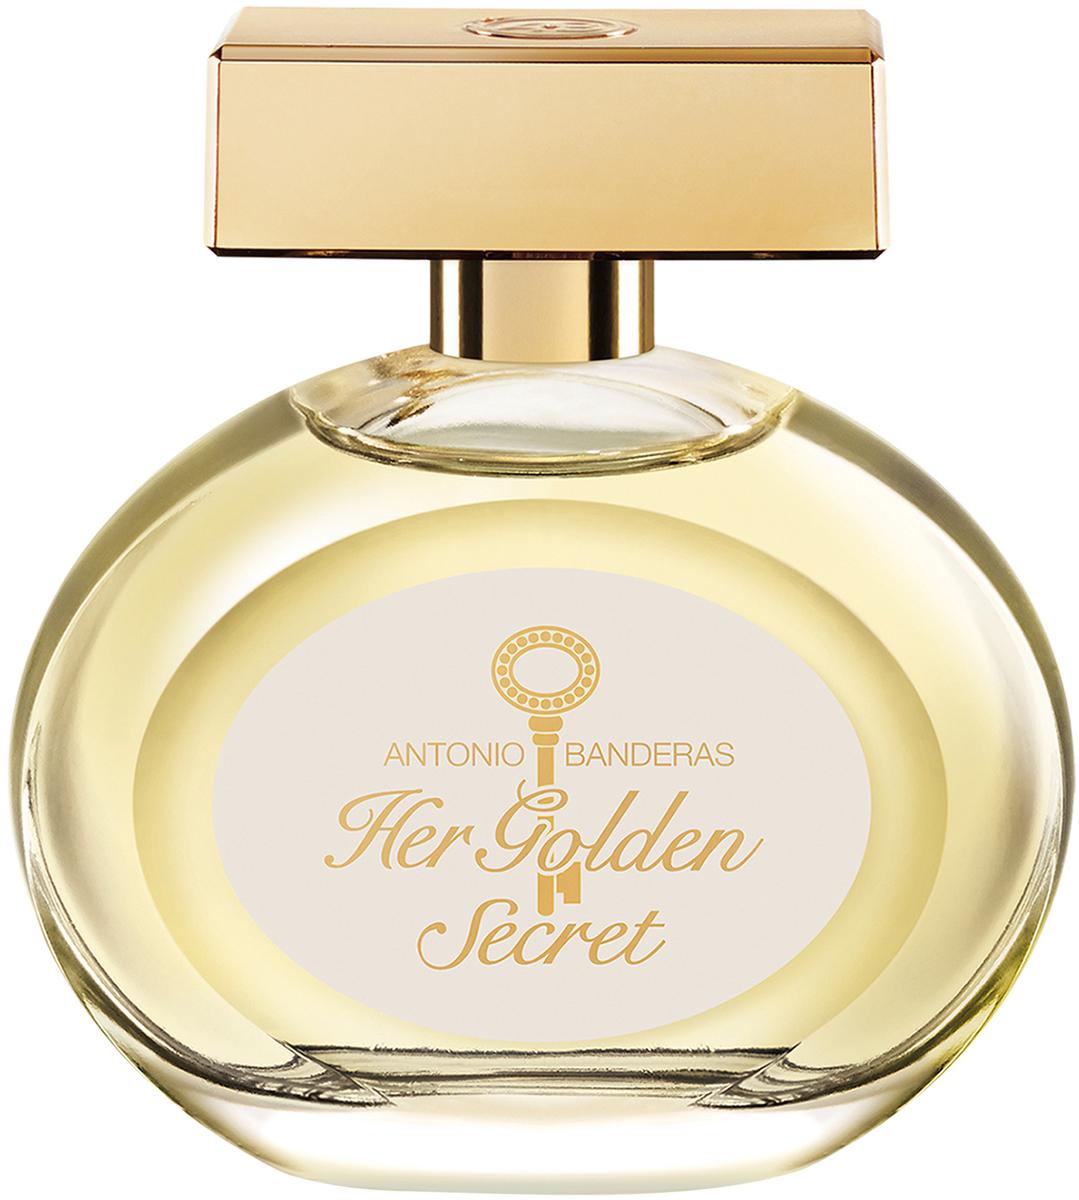 Antonio Banderas Туалетная вода Her Golden Secret, 50 мл